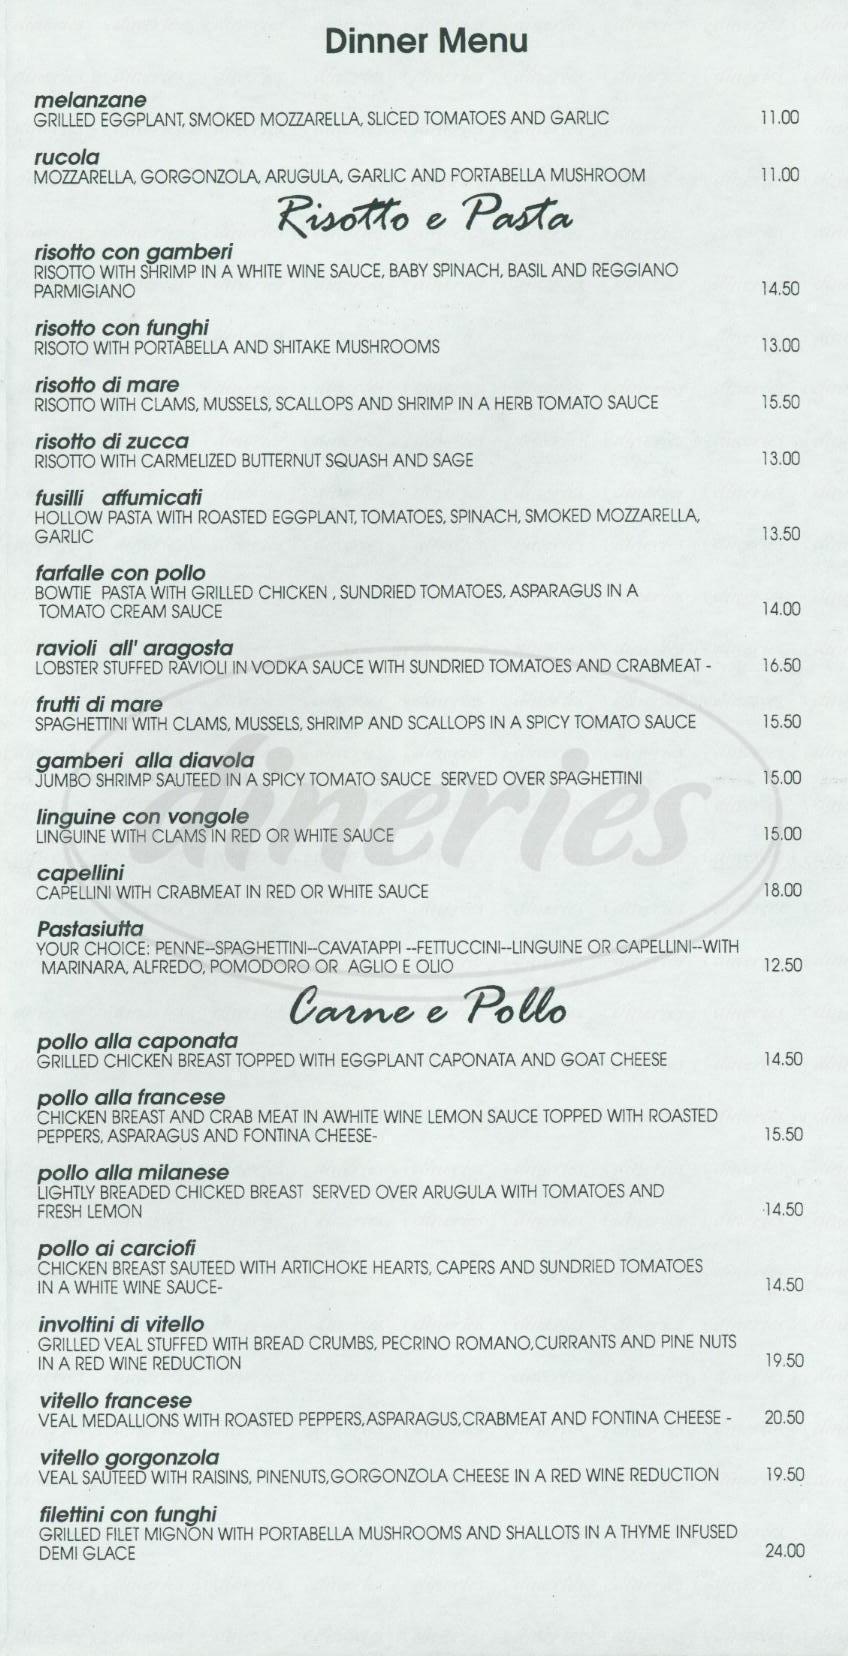 menu for Risotto